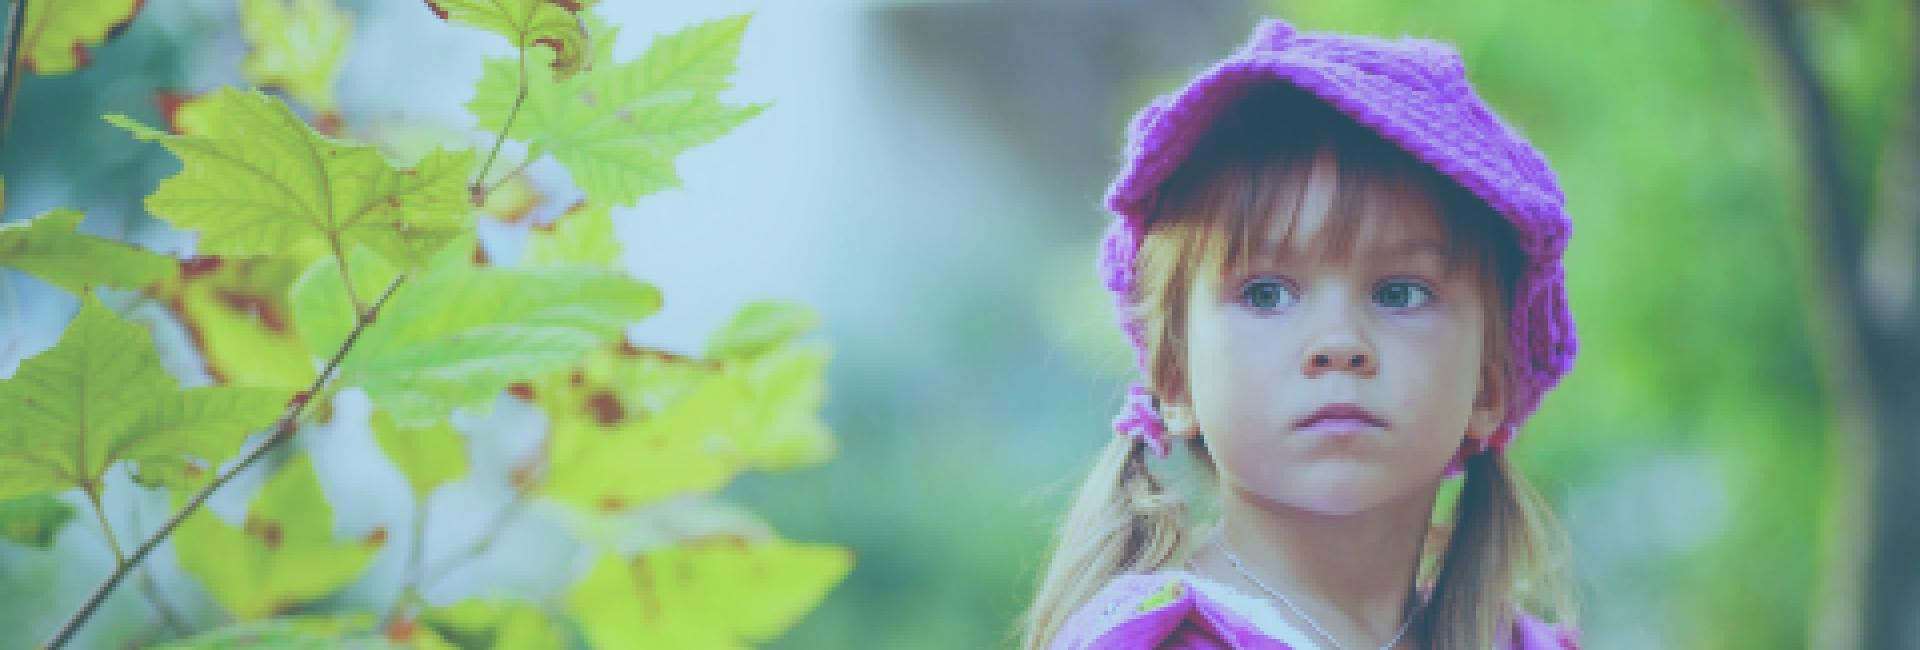 Foto meisje in het bos